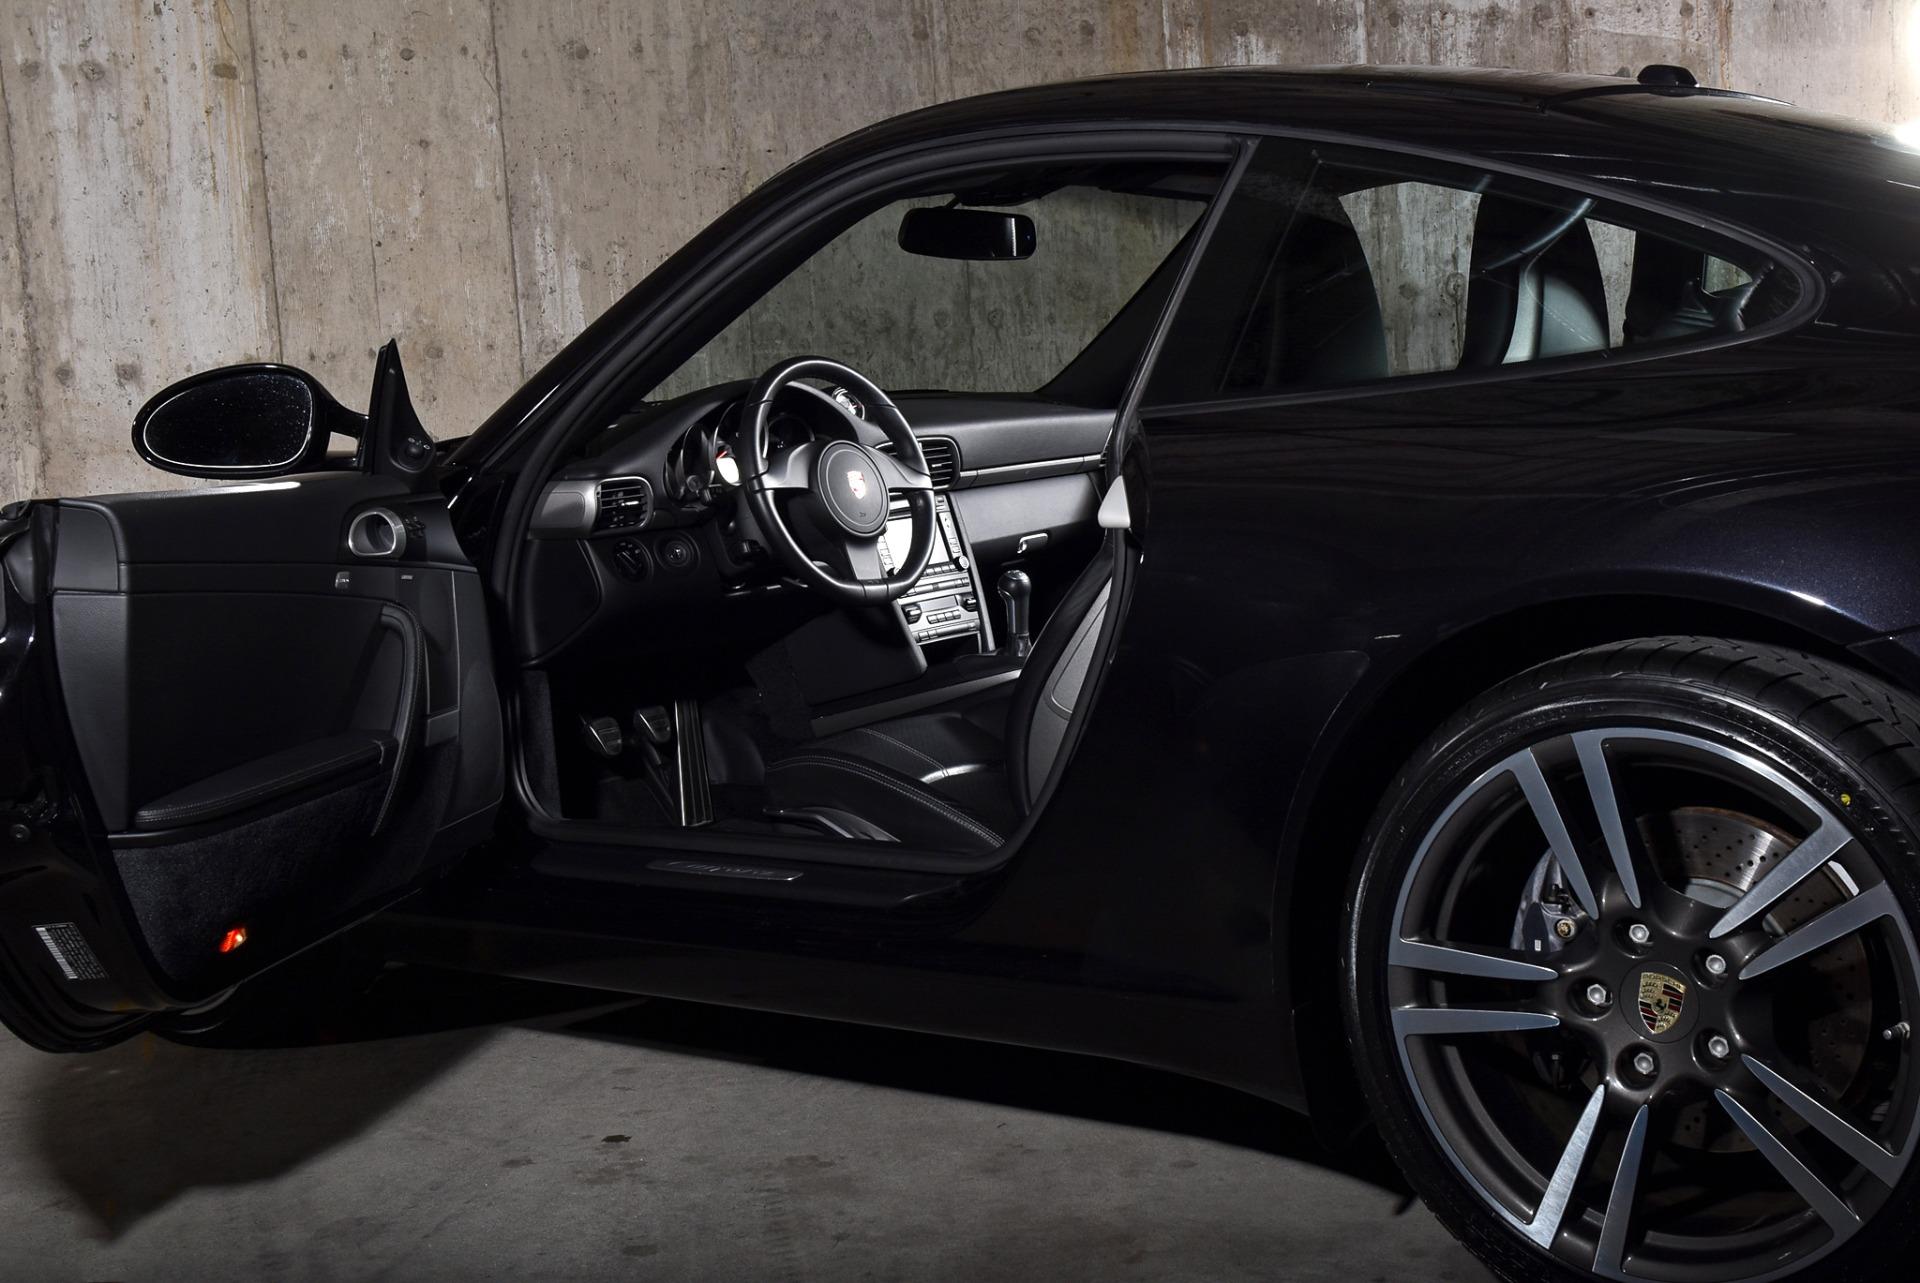 Used 2011 Porsche 911 Carrera | Valley Stream, NY